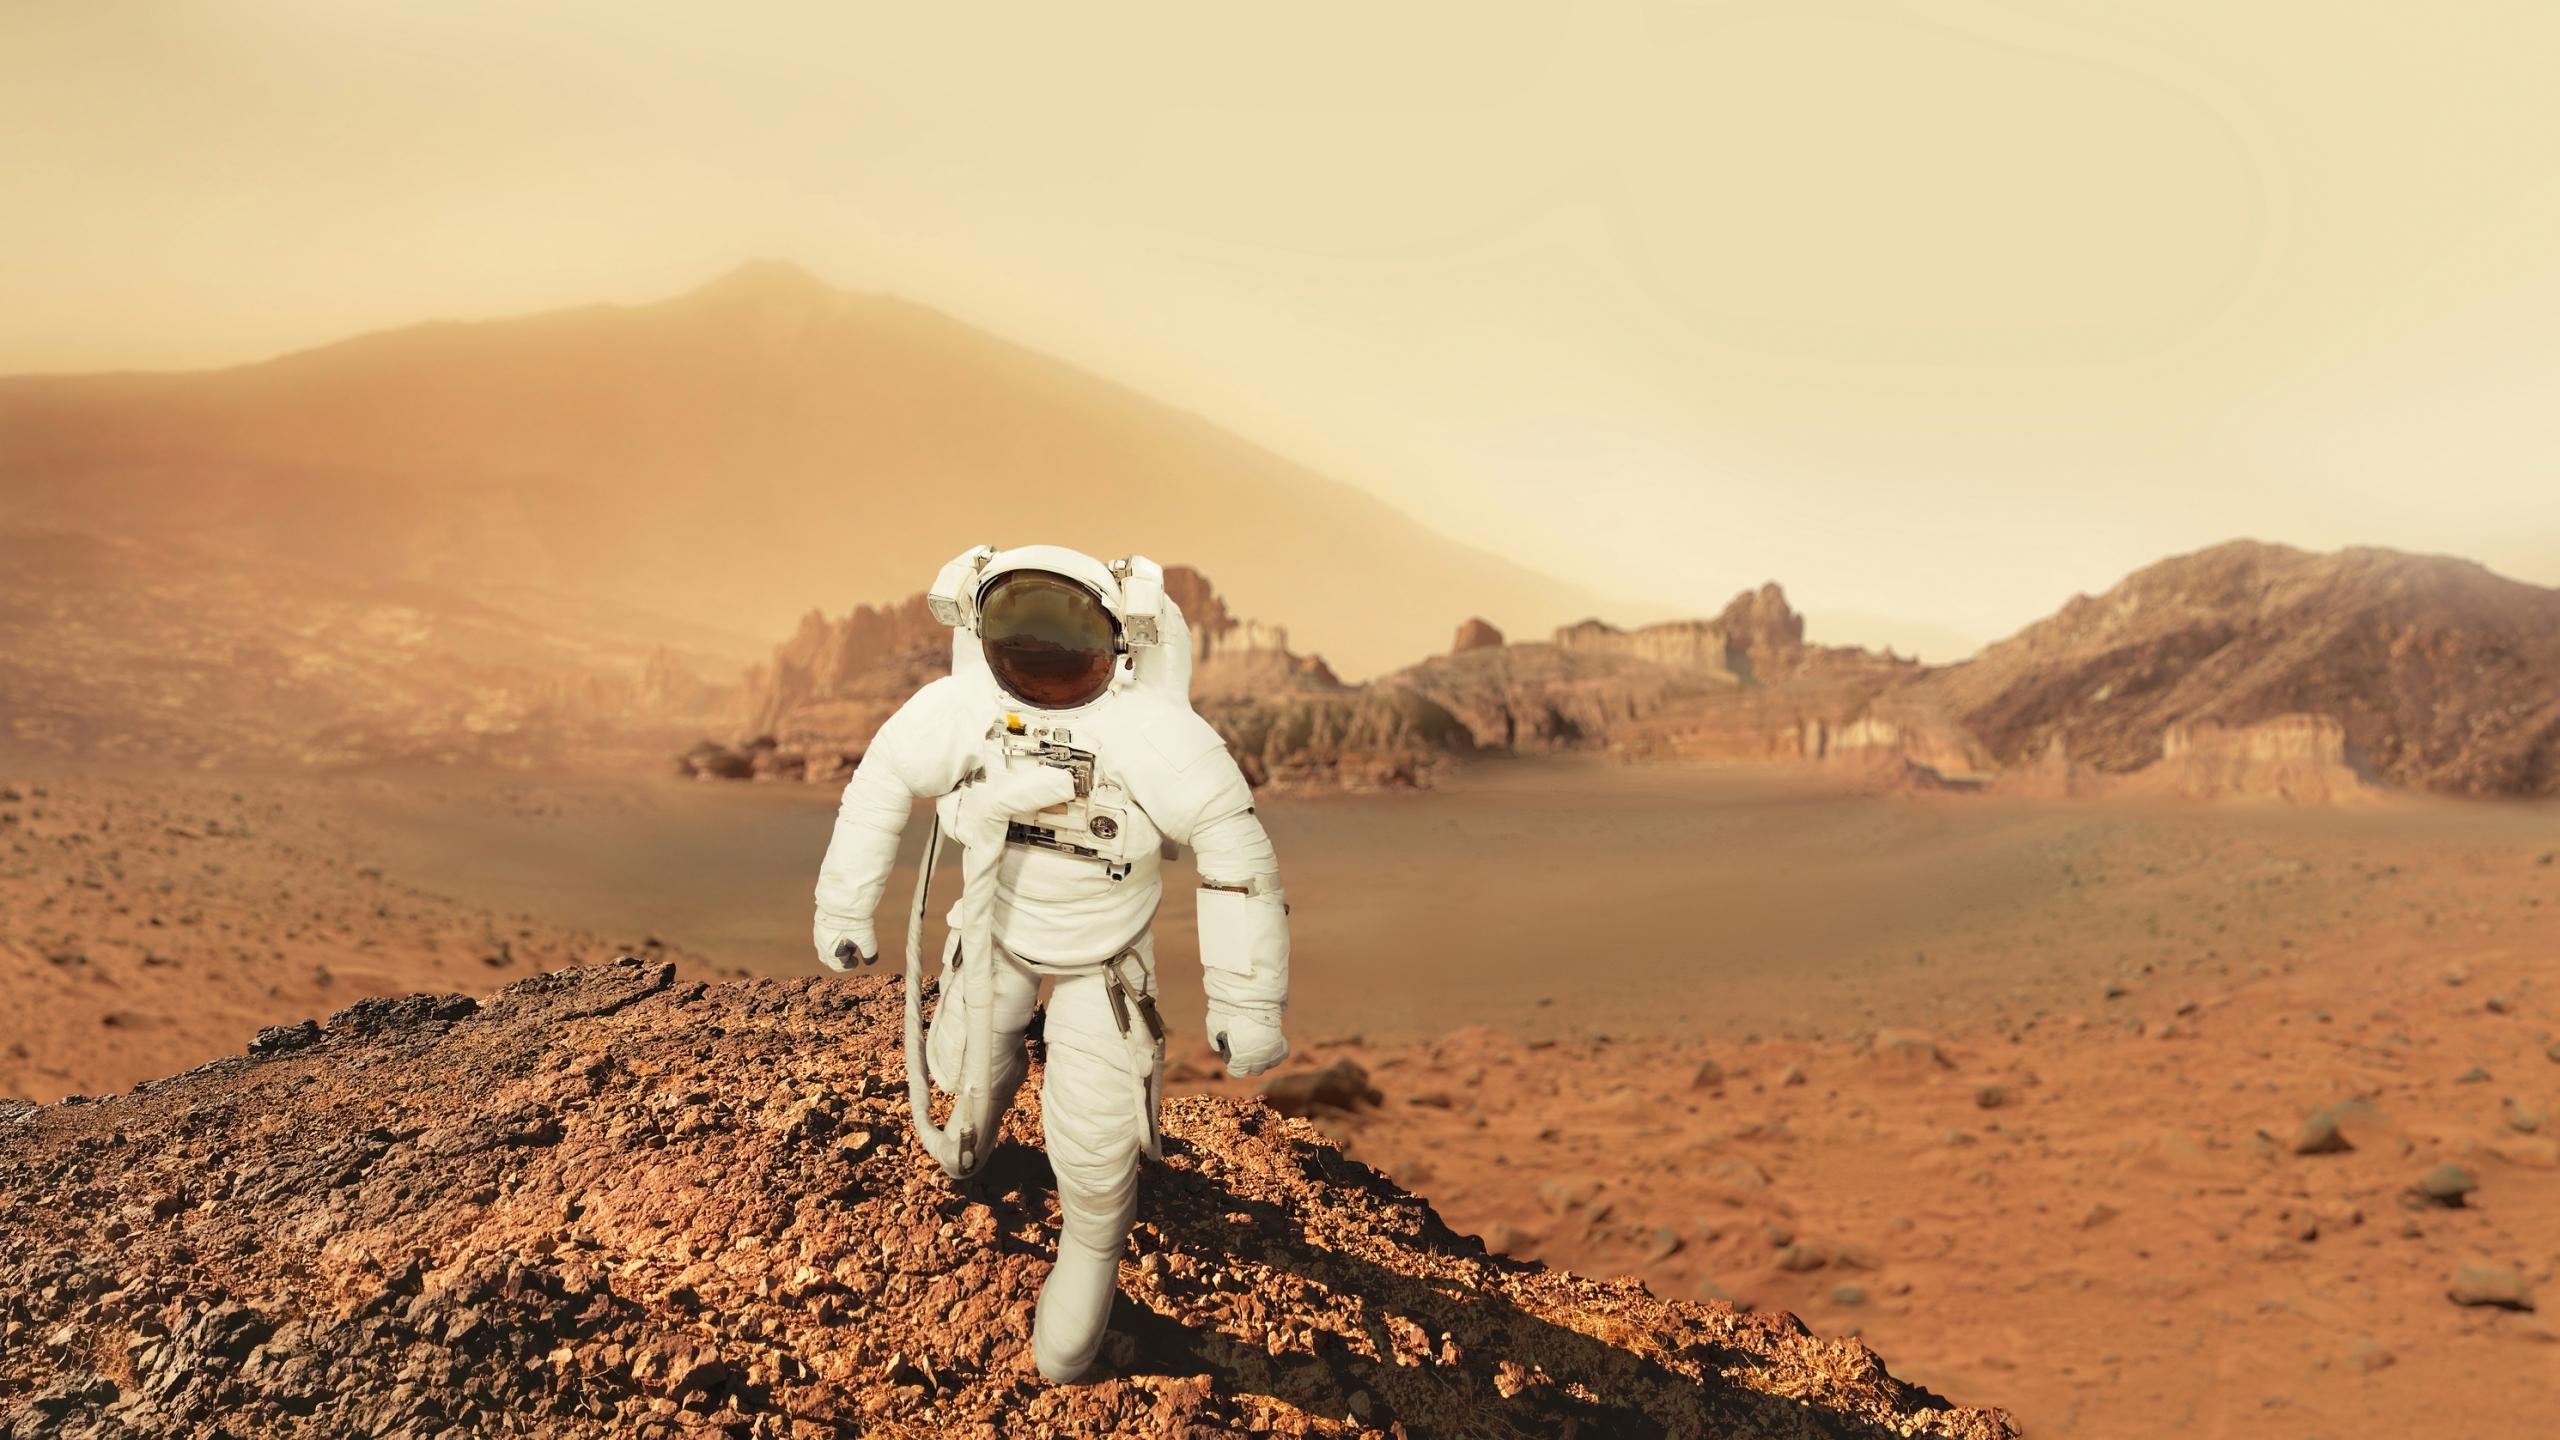 En i romdrakt går på planeten Mars